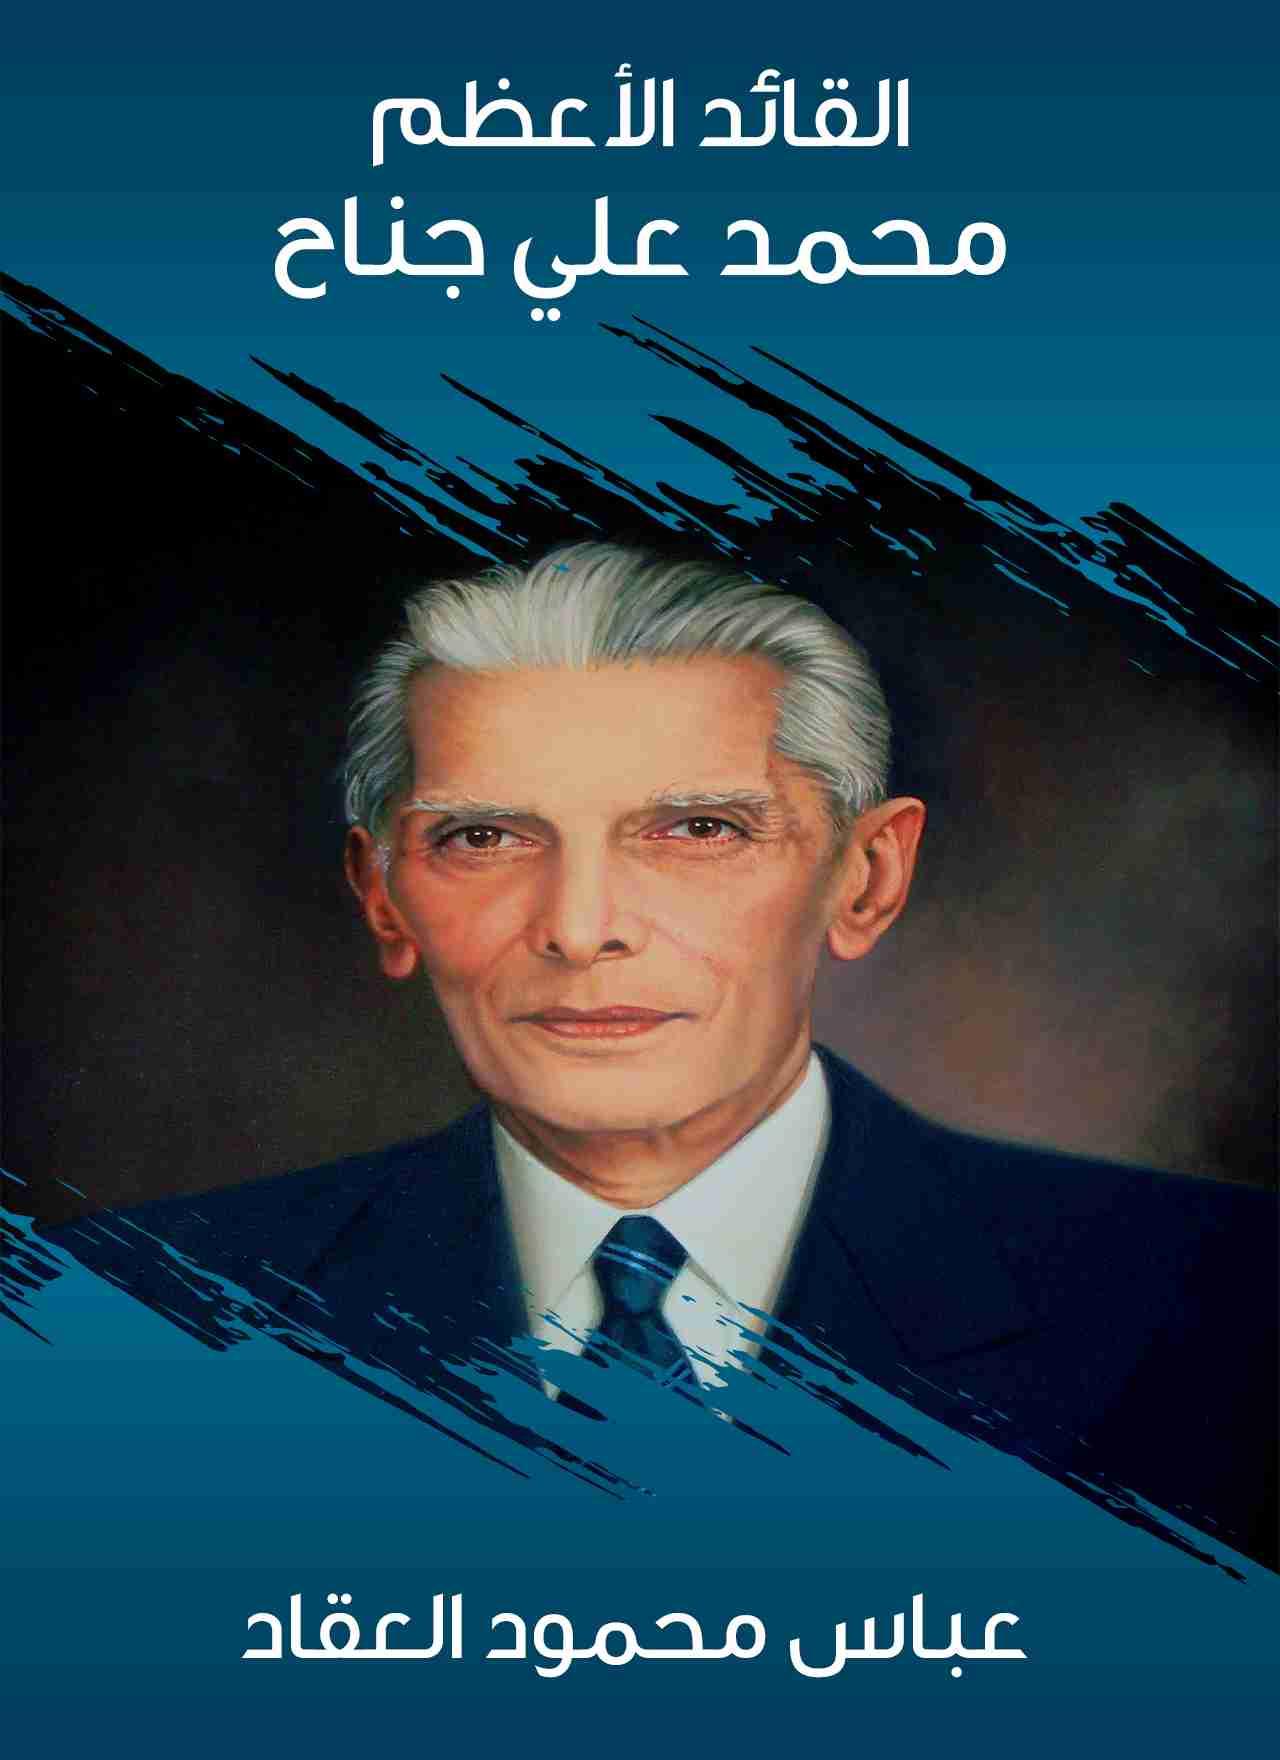 كتاب القائد الأعظم محمد علي جناح لـ عباس العقاد